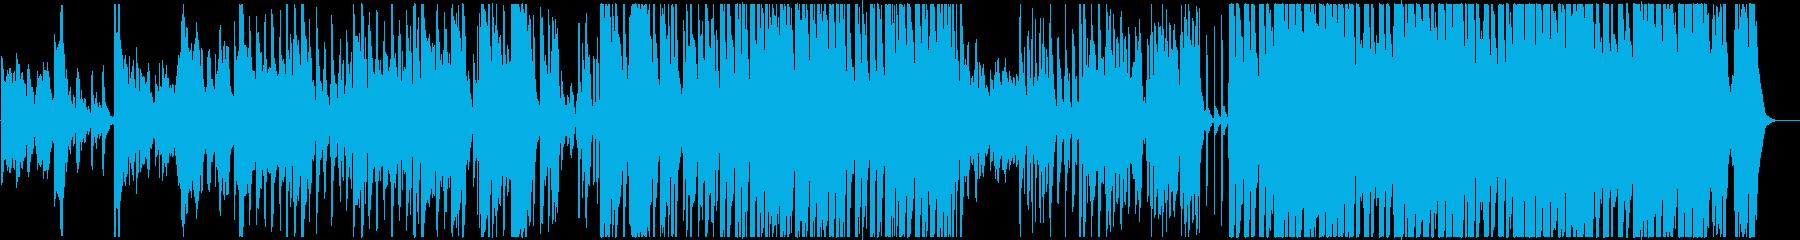 オーケストラ漫画研究所気まぐれなか...の再生済みの波形